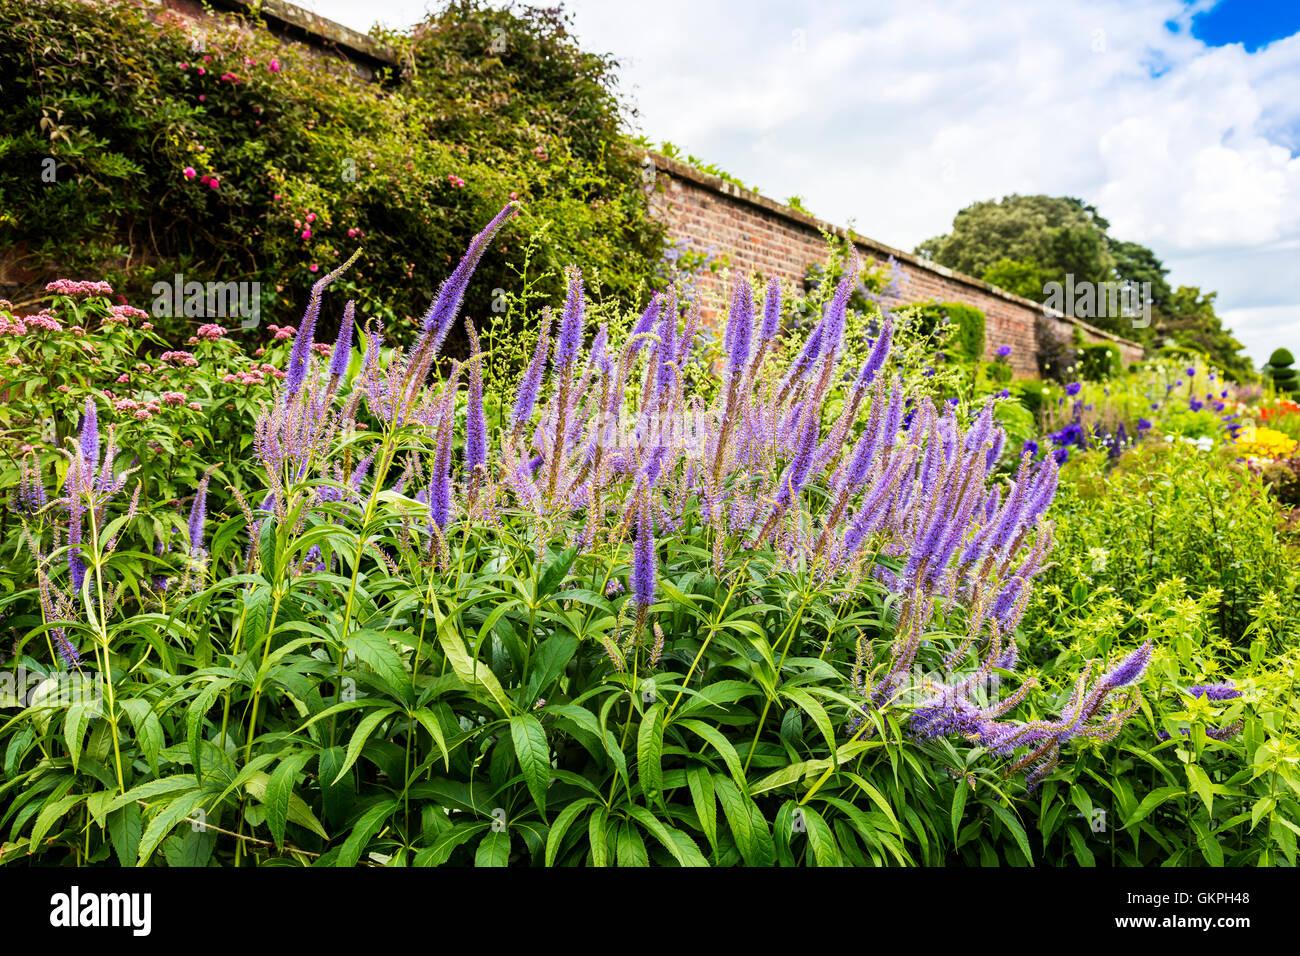 Groß blau blühende Pflanze Wildform in einer krautigen Grenze. Stockbild